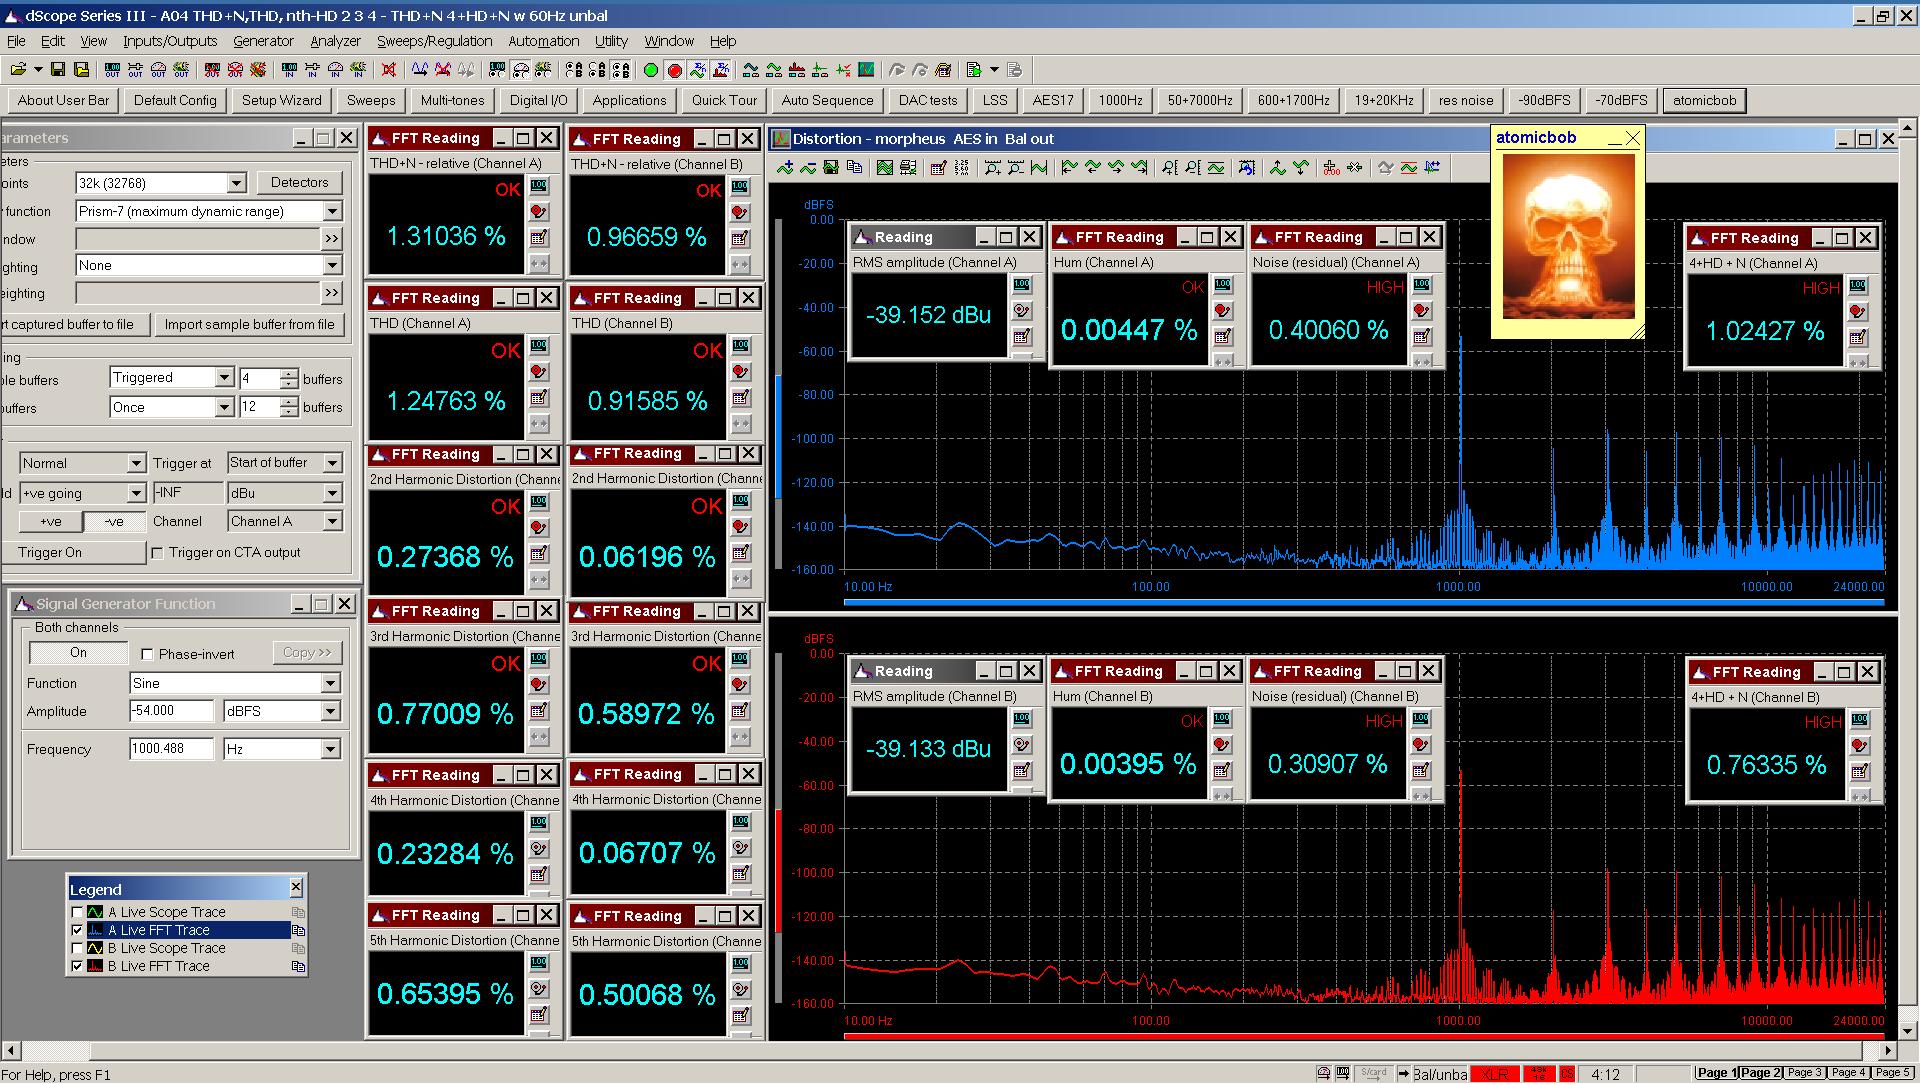 20200723 morpheus A04 THD+N THD nth-HD 4+HD+N 60Hz FFT Bal -54dBFS - AES.png